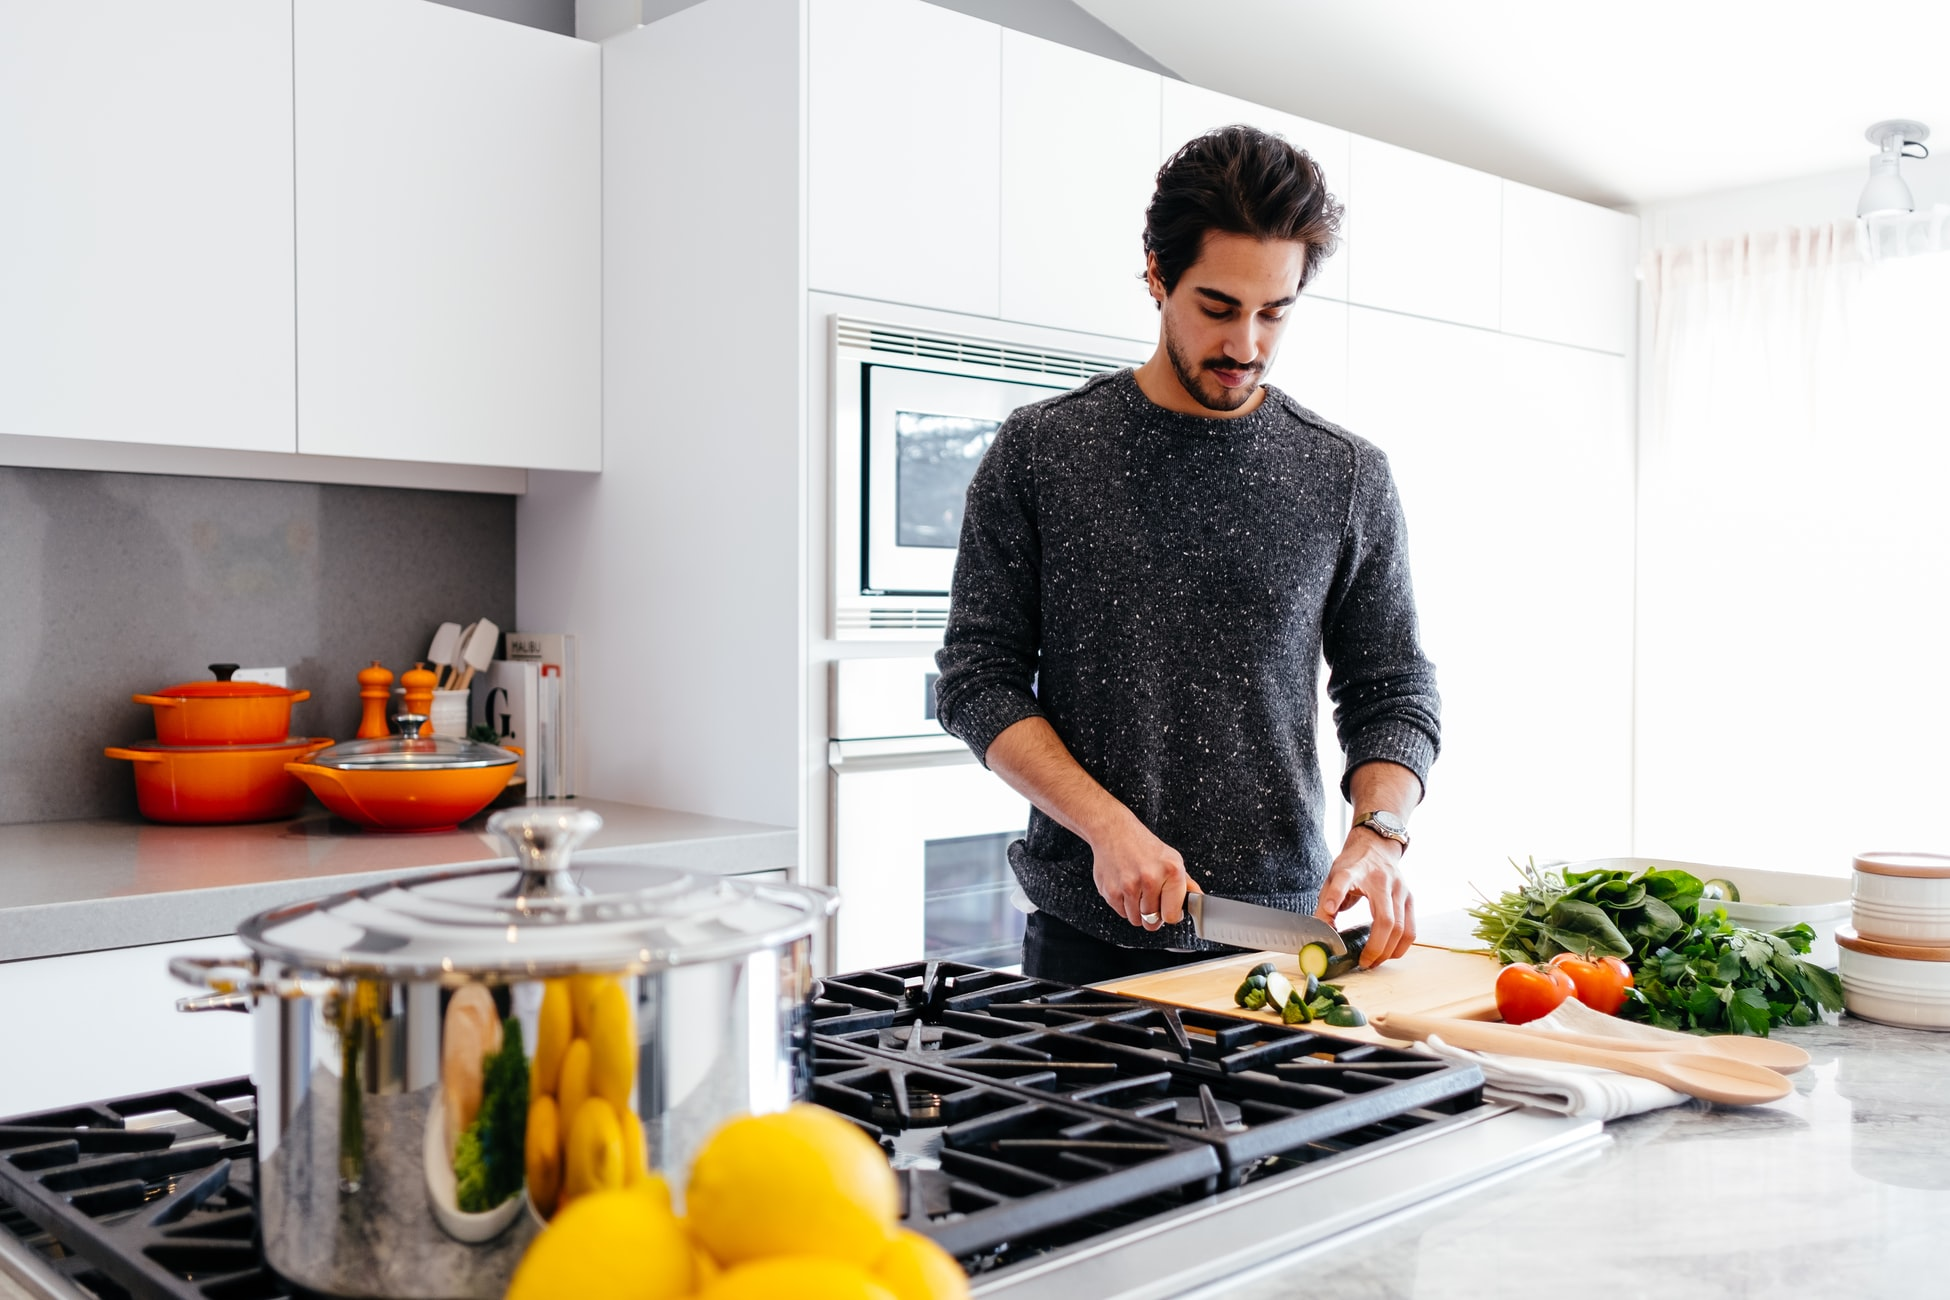 guy preparing ingredients